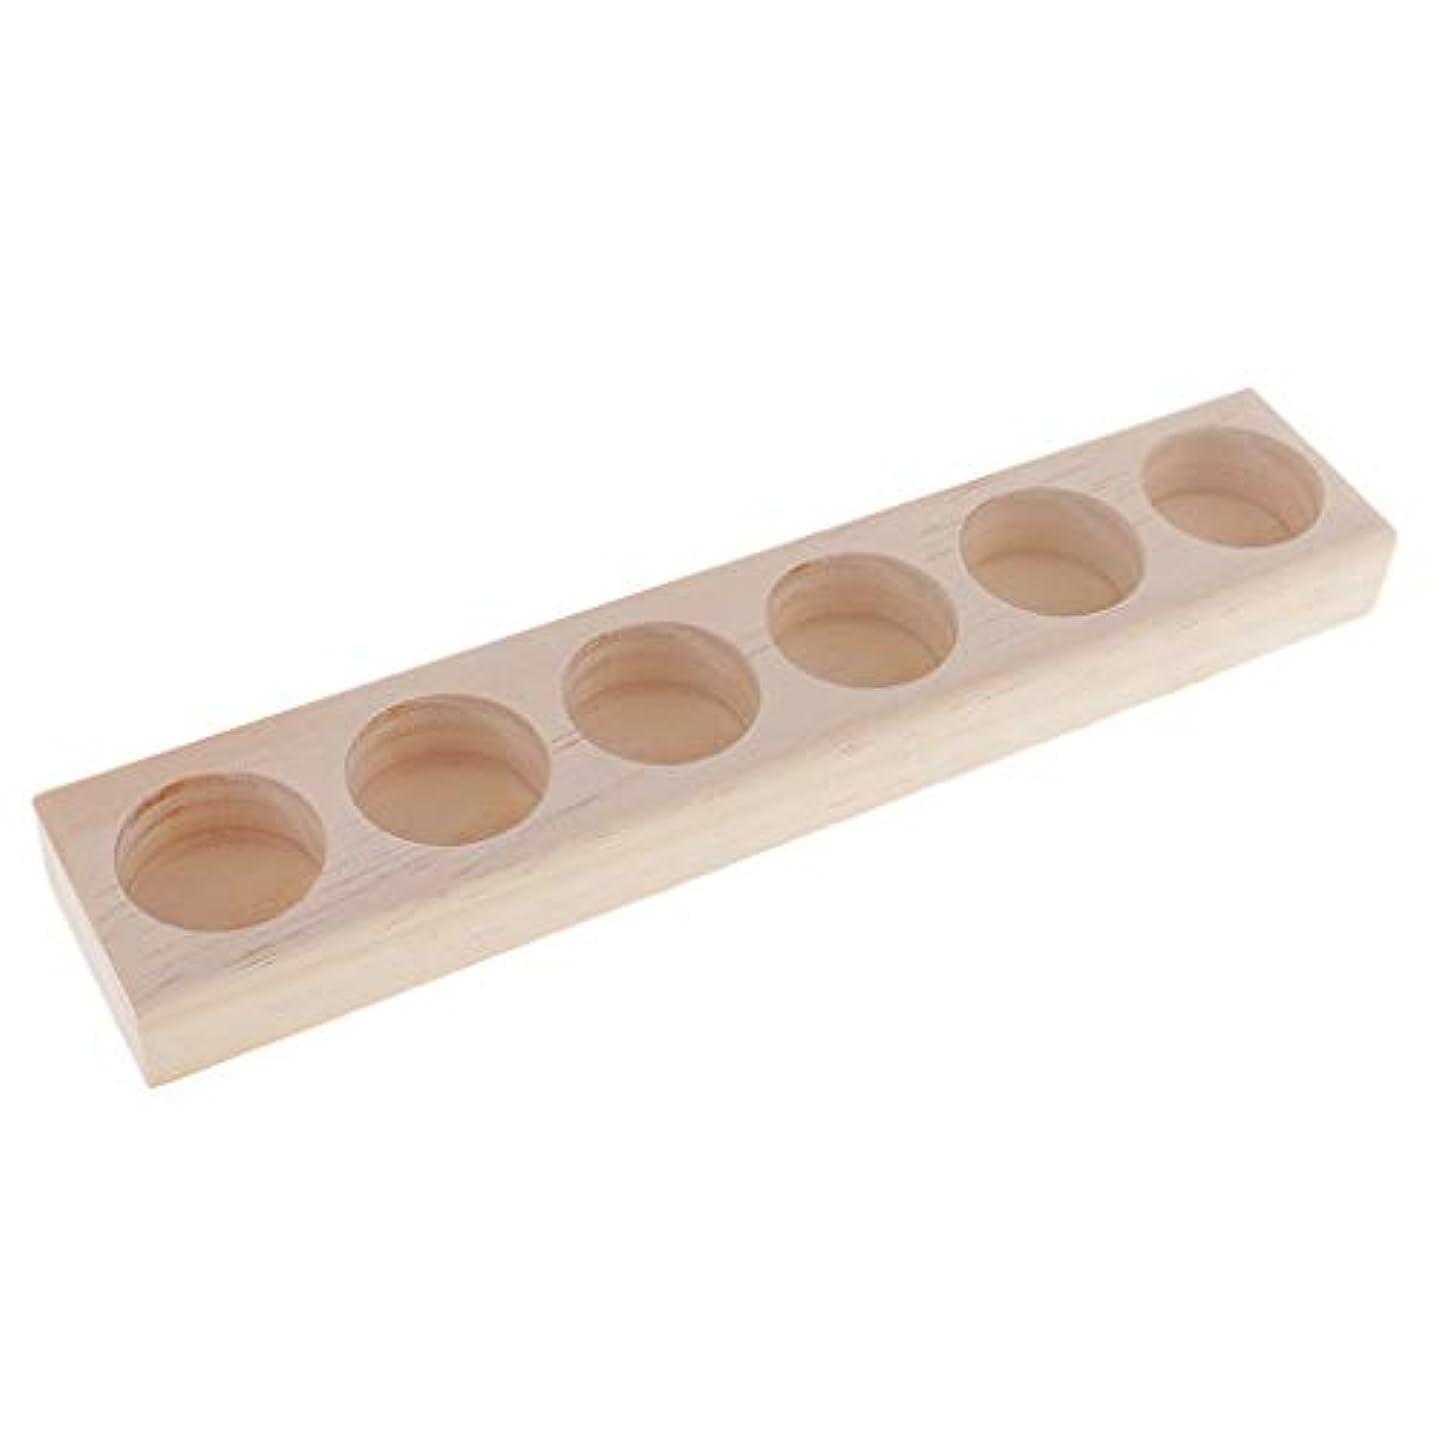 質素な質素な仮称Fenteer エッセンシャルオイル 収納ラック 木製 精油 オーガナイザー ジュエリー 化粧品 収納用品